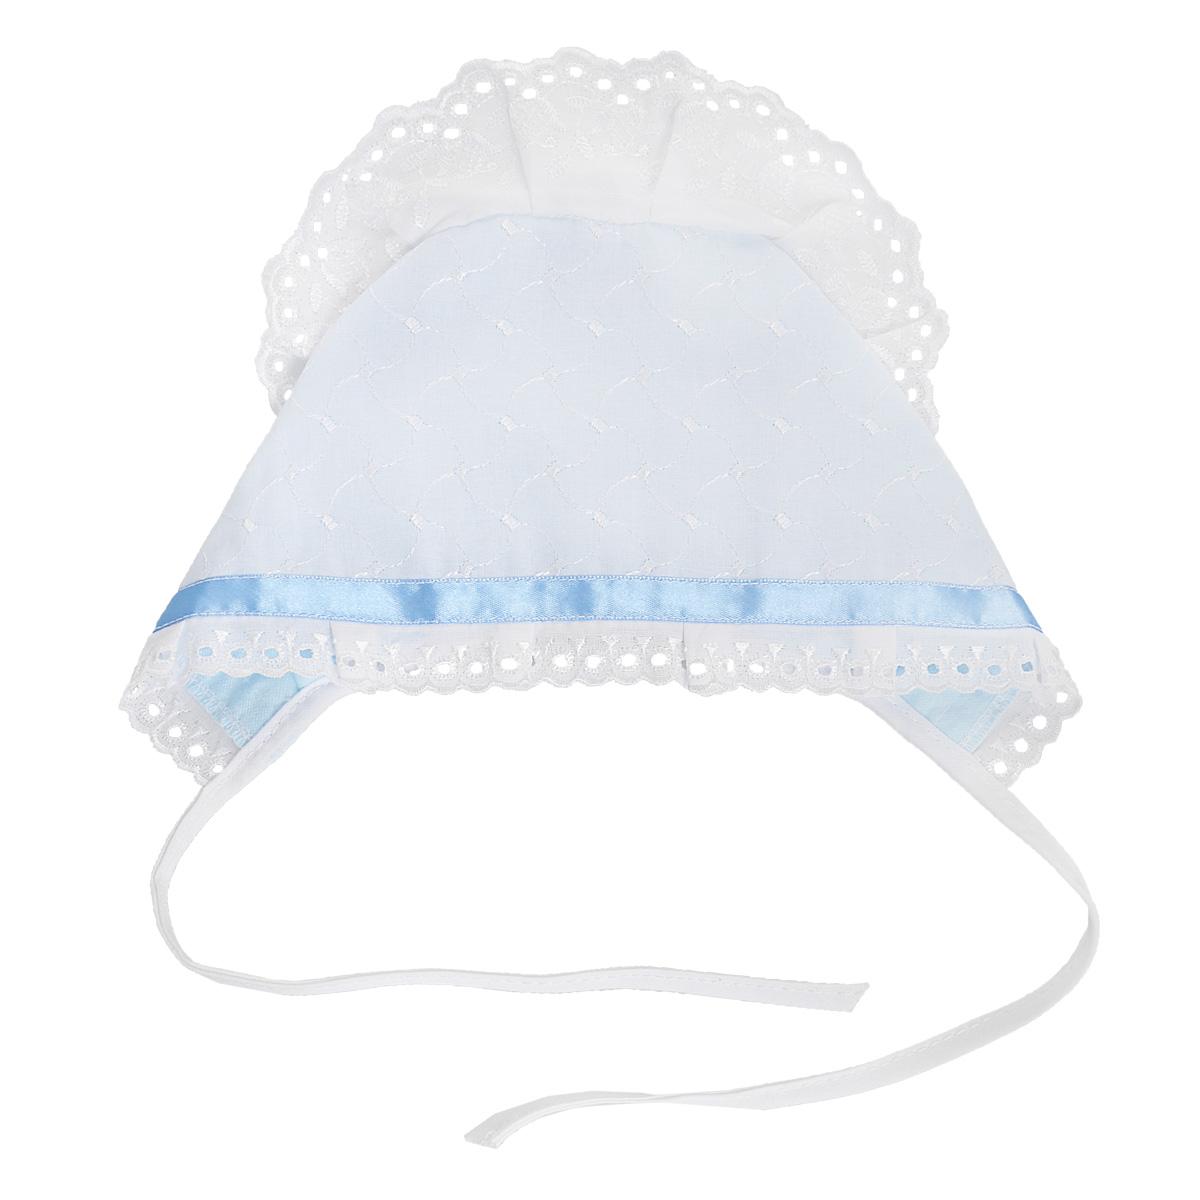 Чепчик Трон-плюс комплект для крещения детский трон плюс рубашка чепчик цвет белый 1403 размер 62 3 месяца